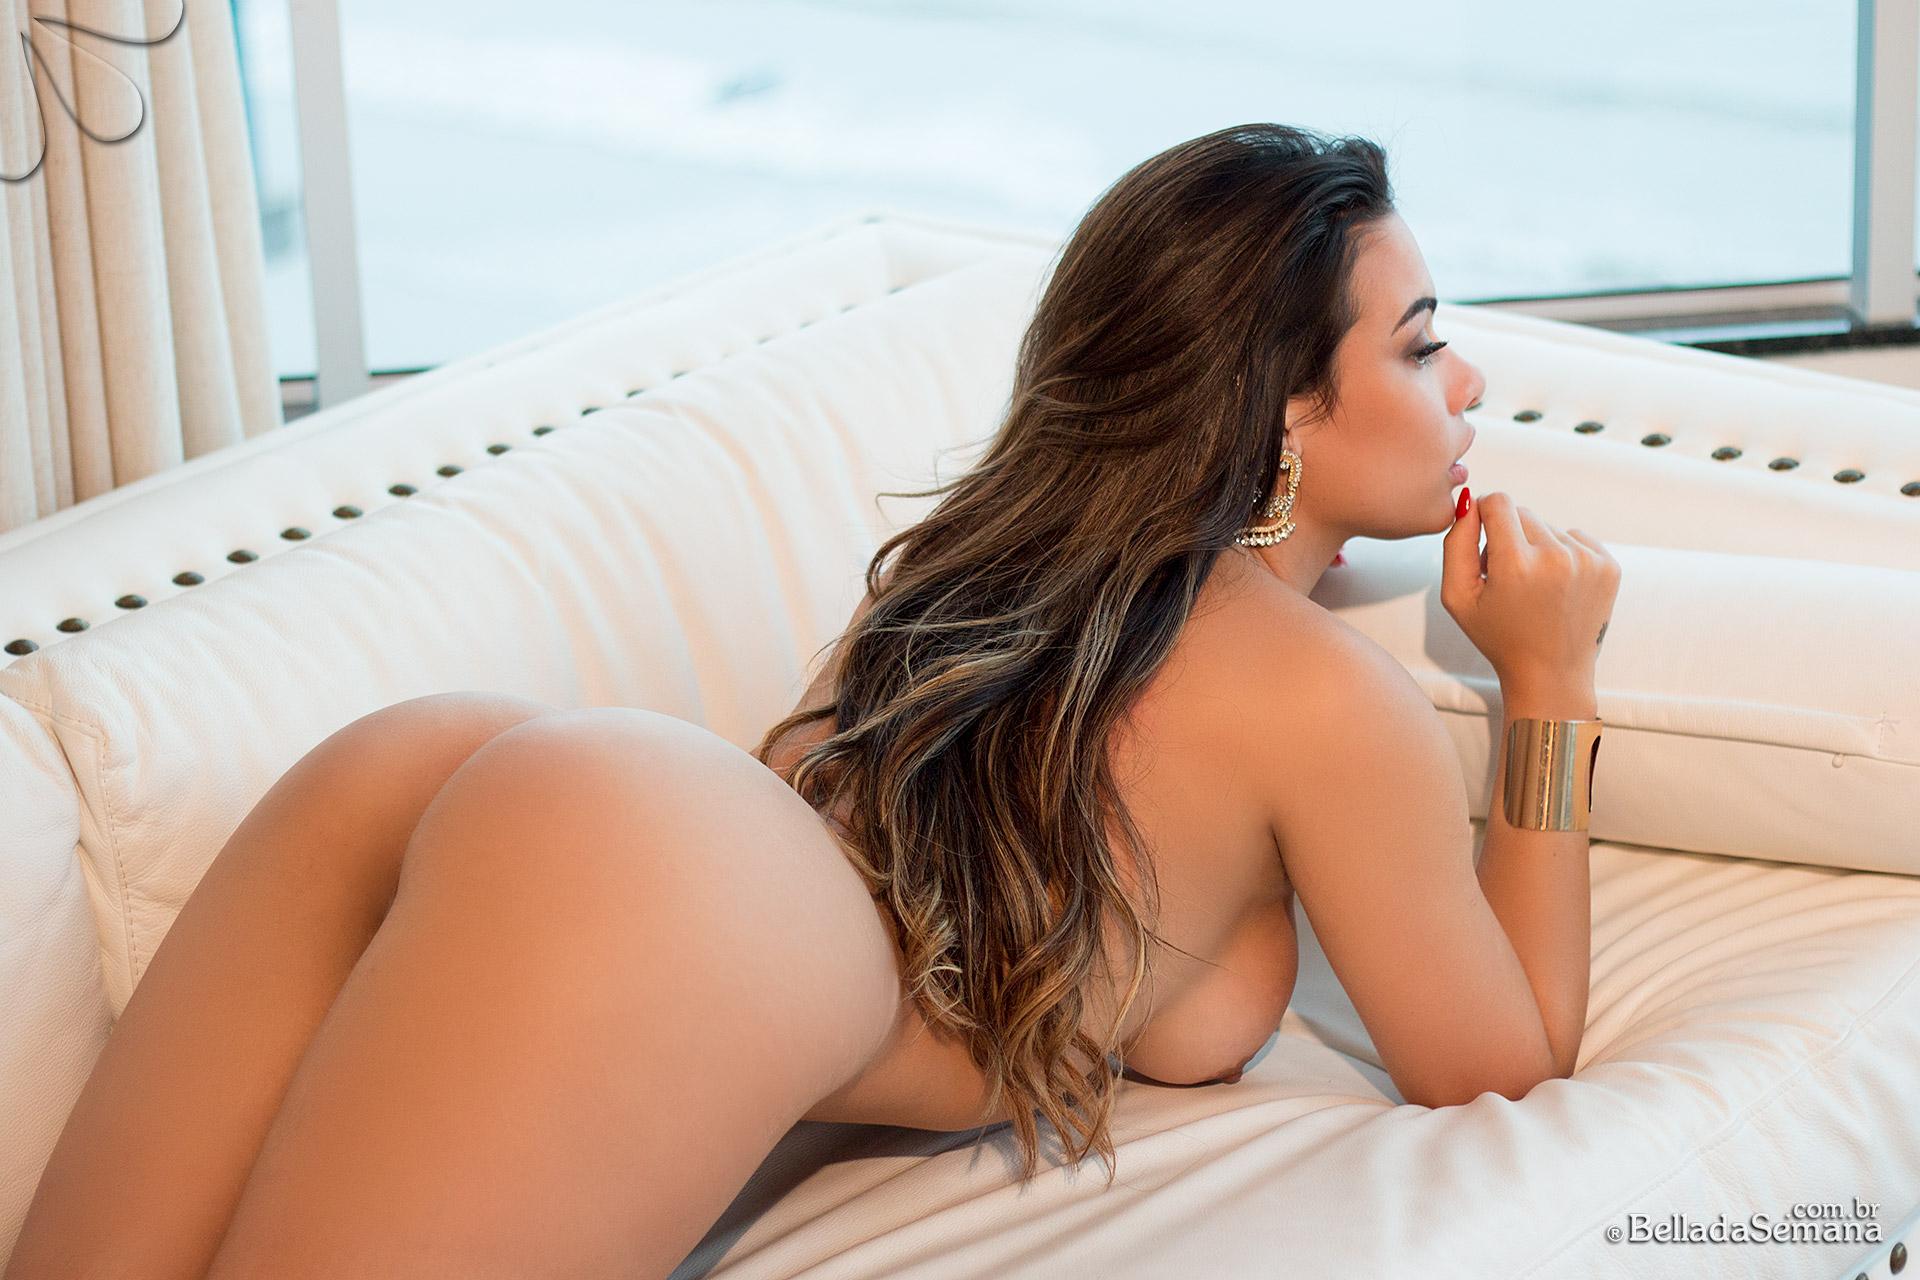 Maria patricia montoya naked